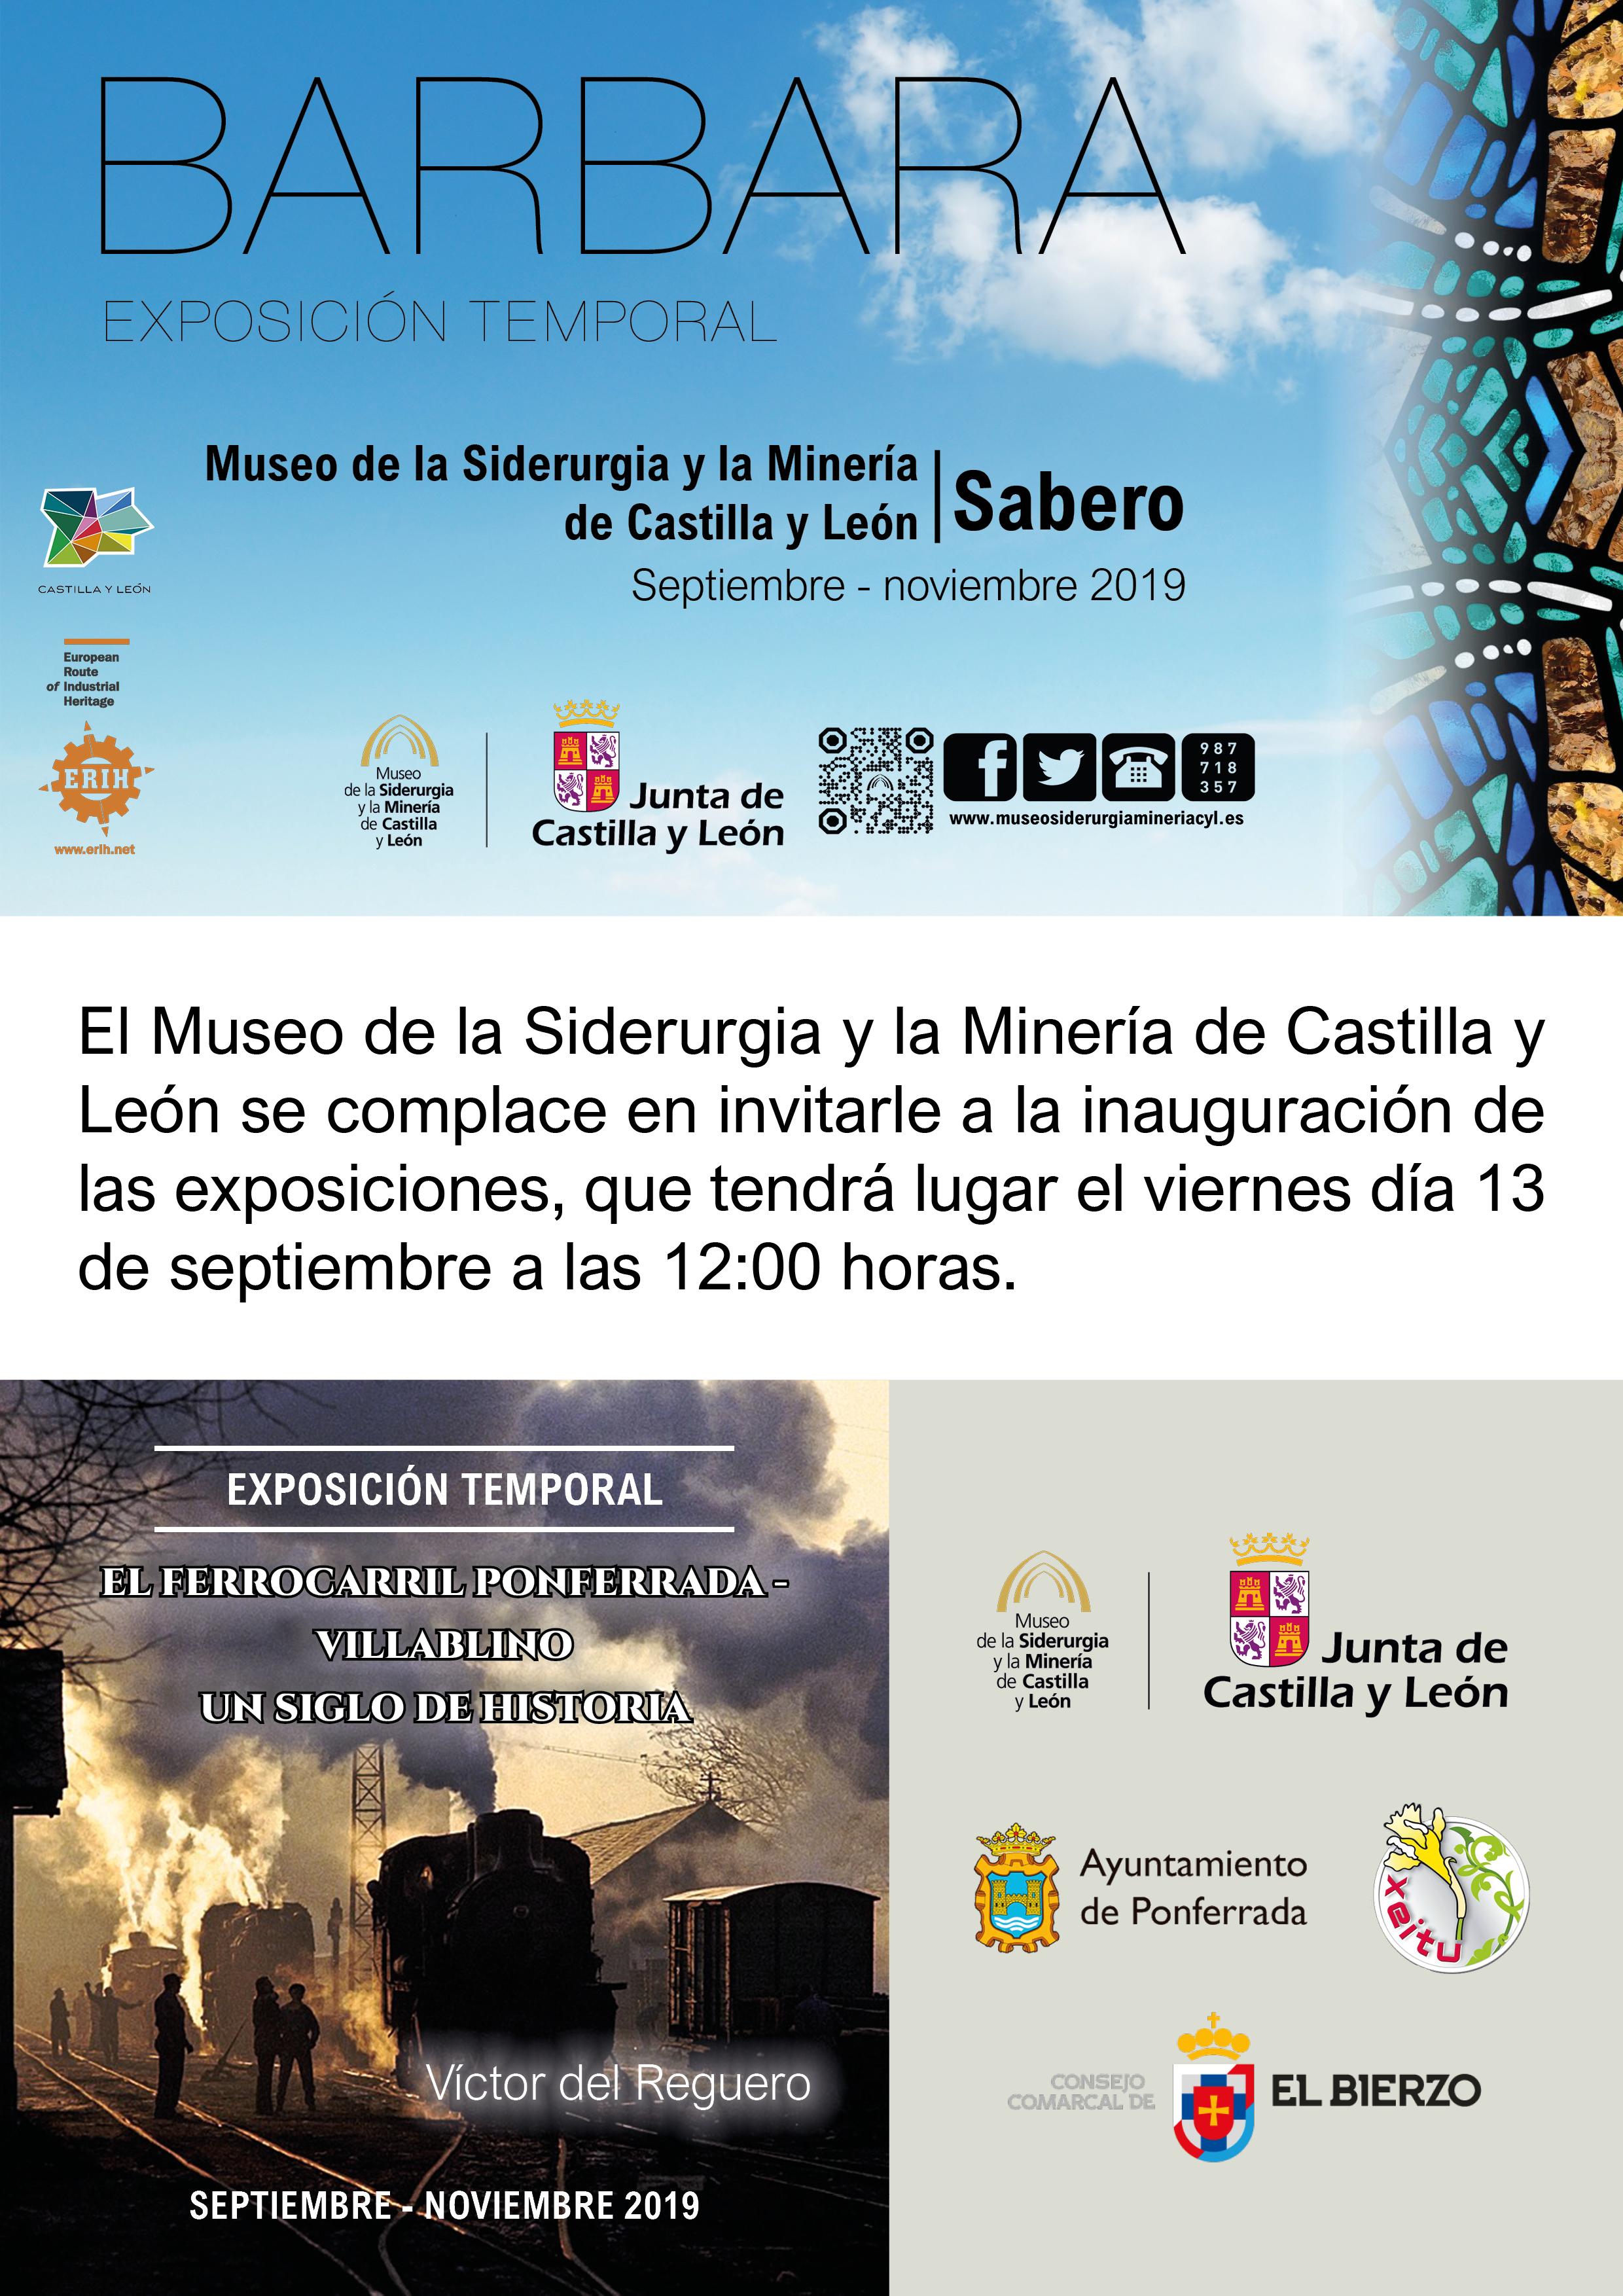 INAUGURACIÓN DE EXPOSICIONES TEMPORALES